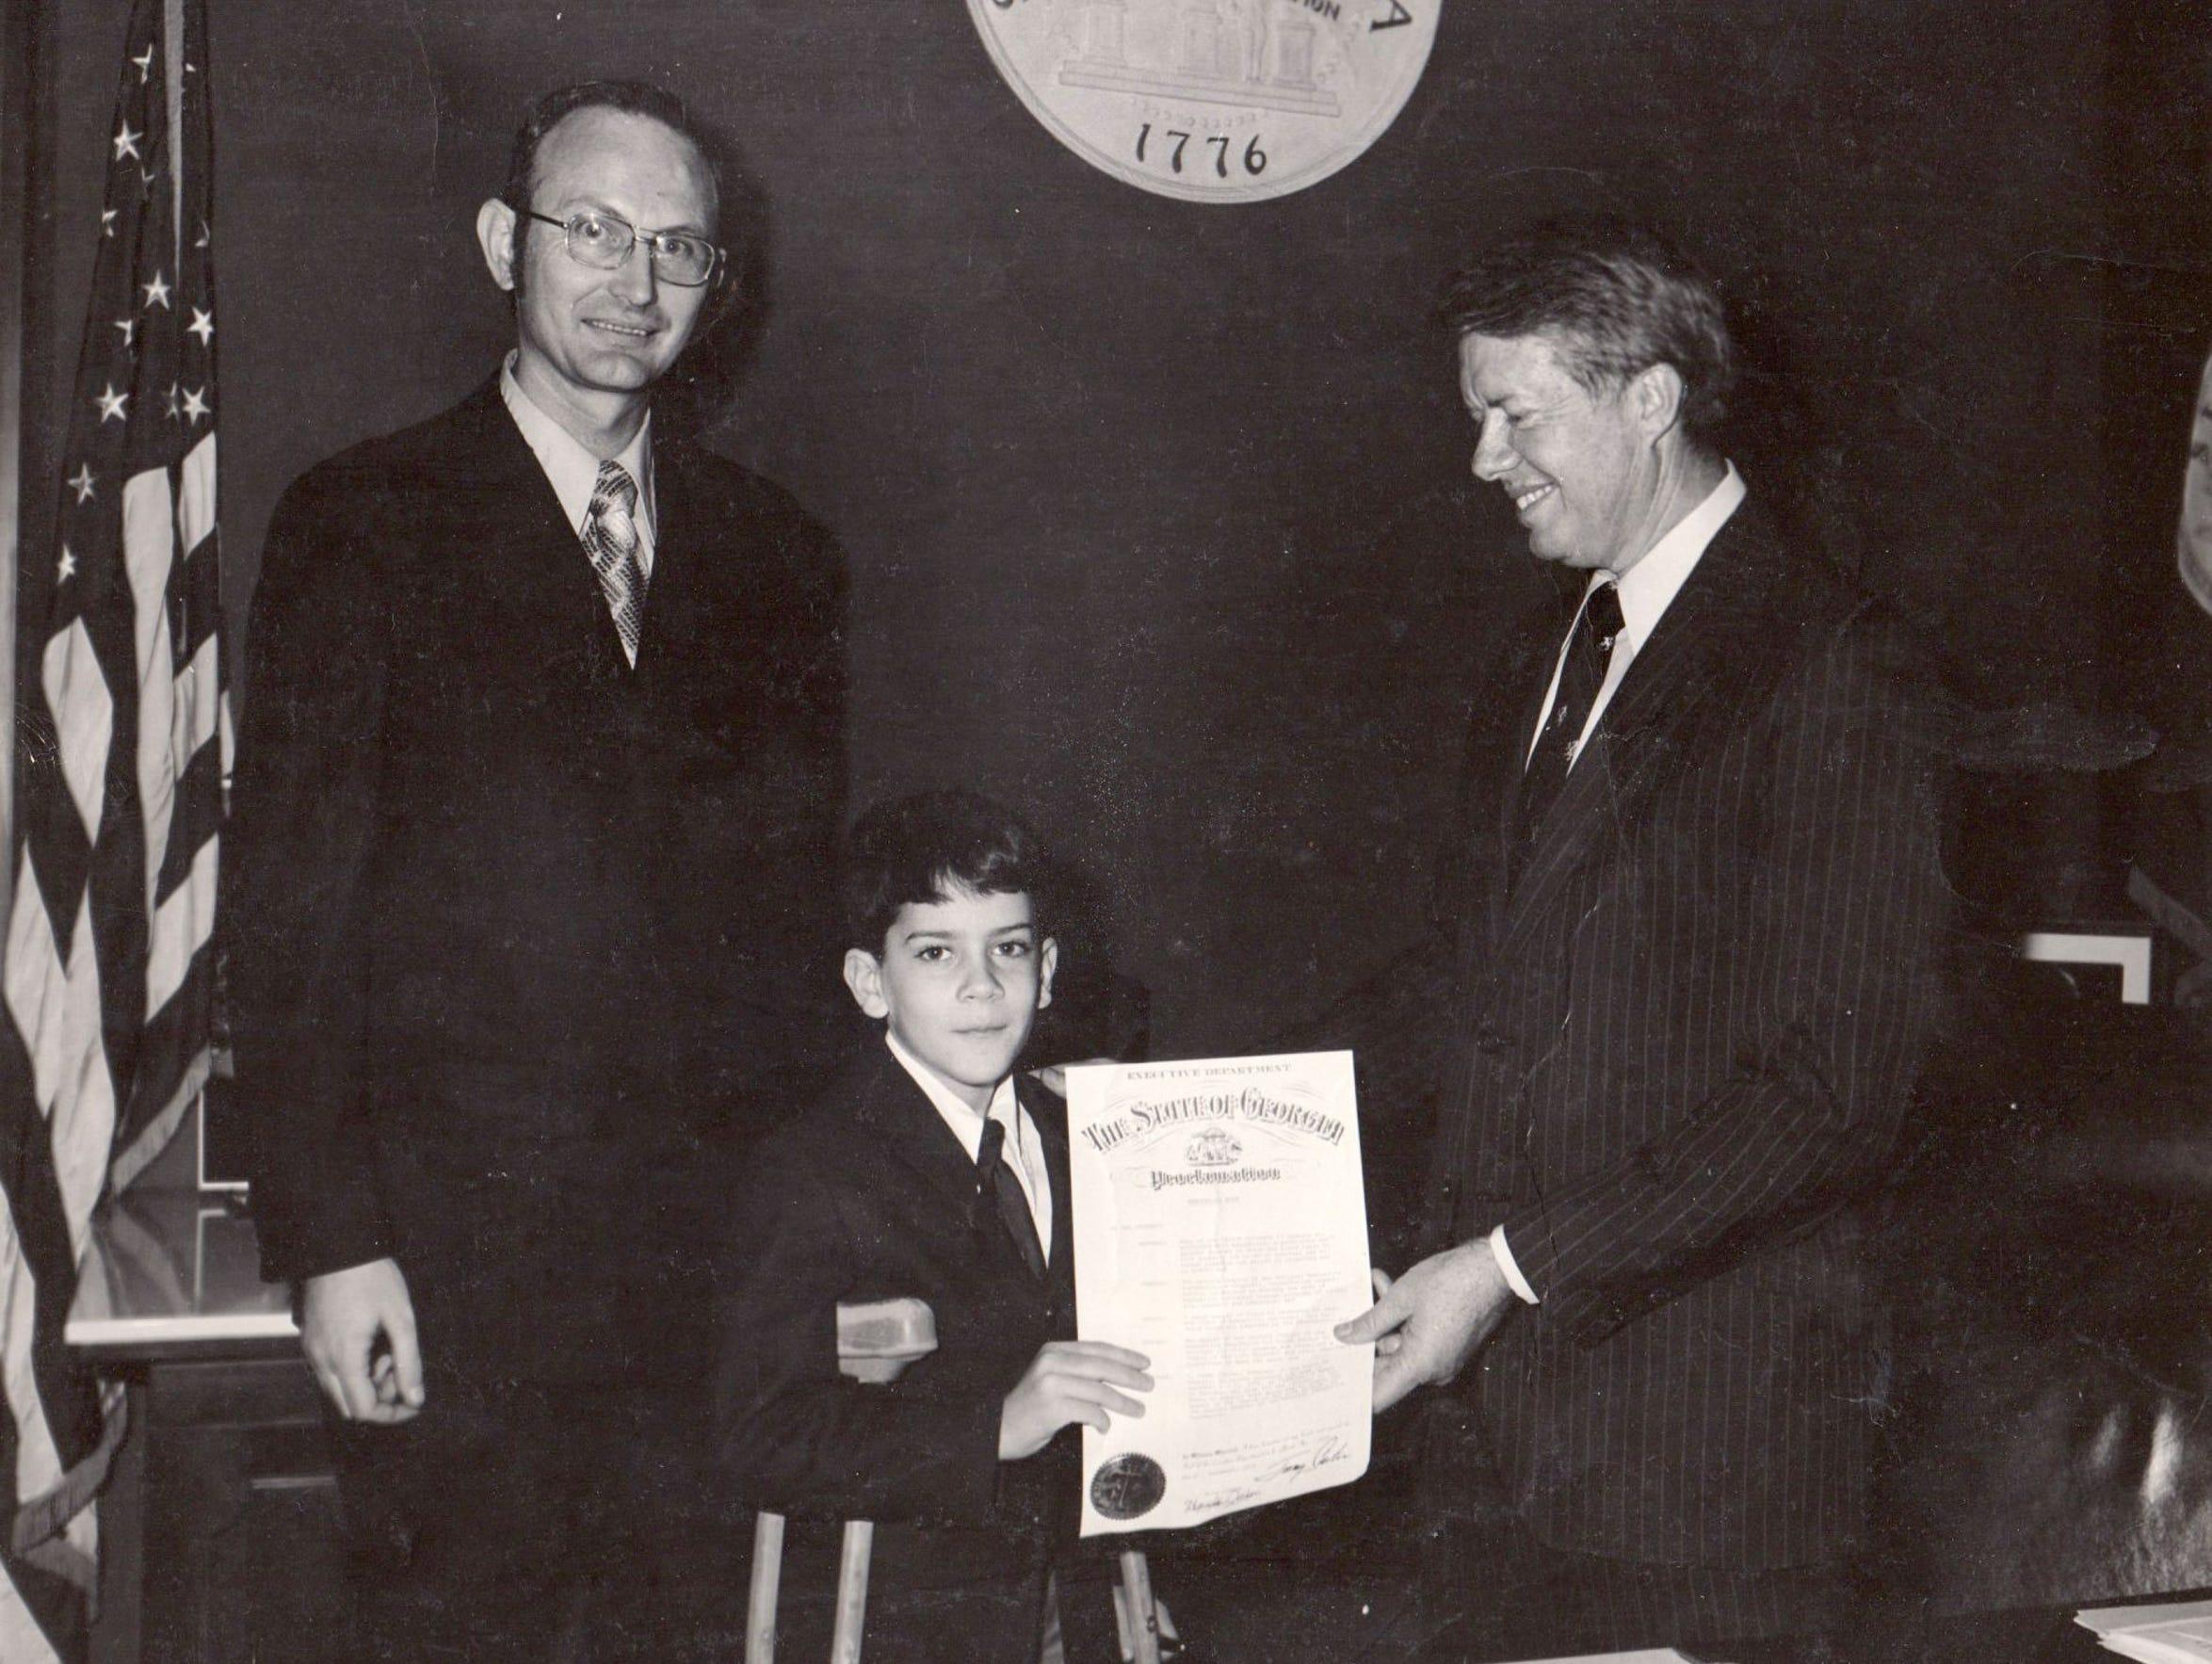 In October 1971, Jim Reed, age 8, met then-Georgia